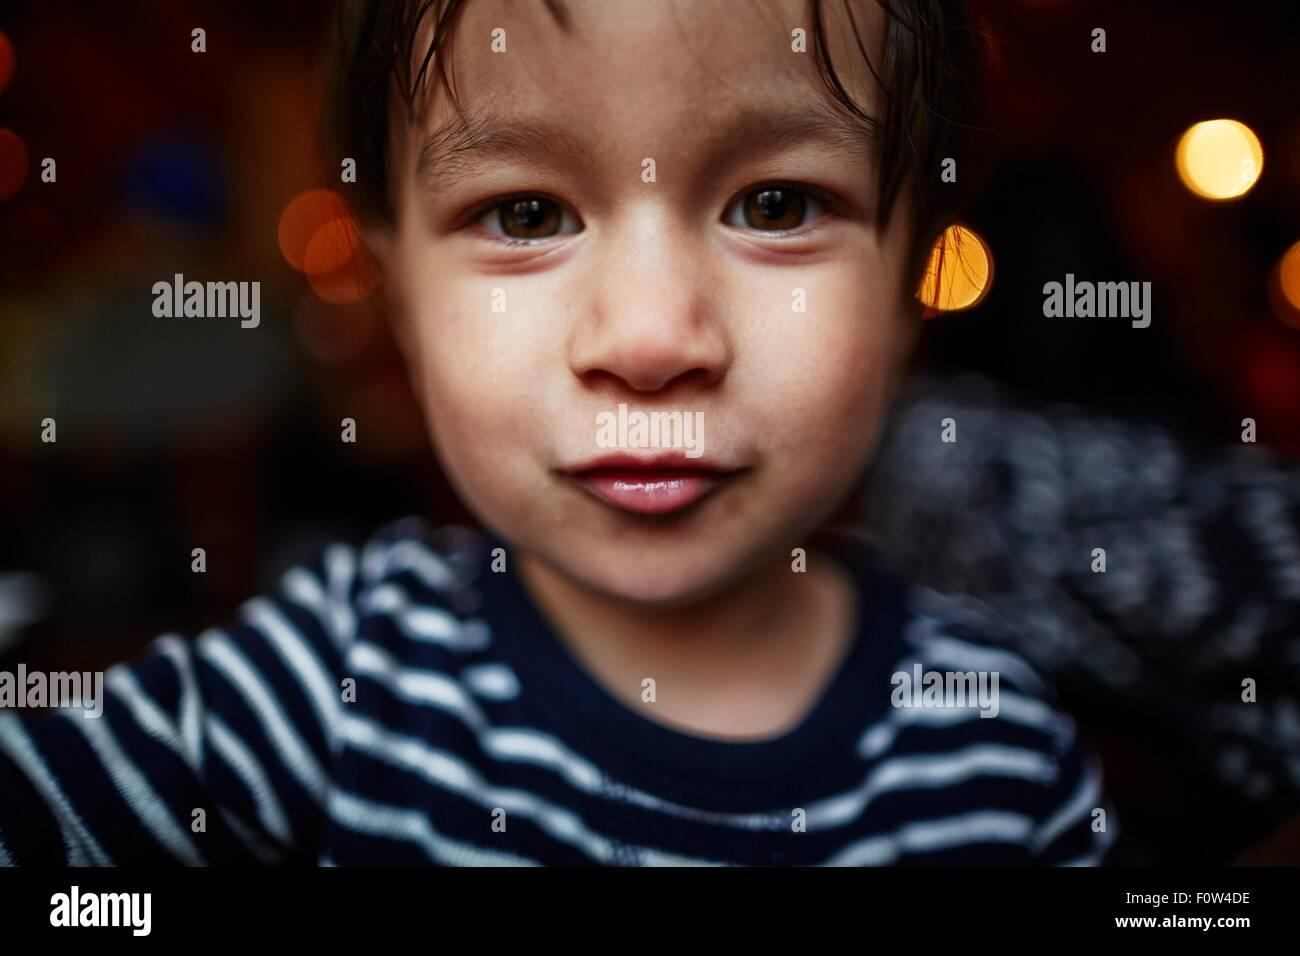 Ritratto di ragazzo che guarda in telecamera Immagini Stock